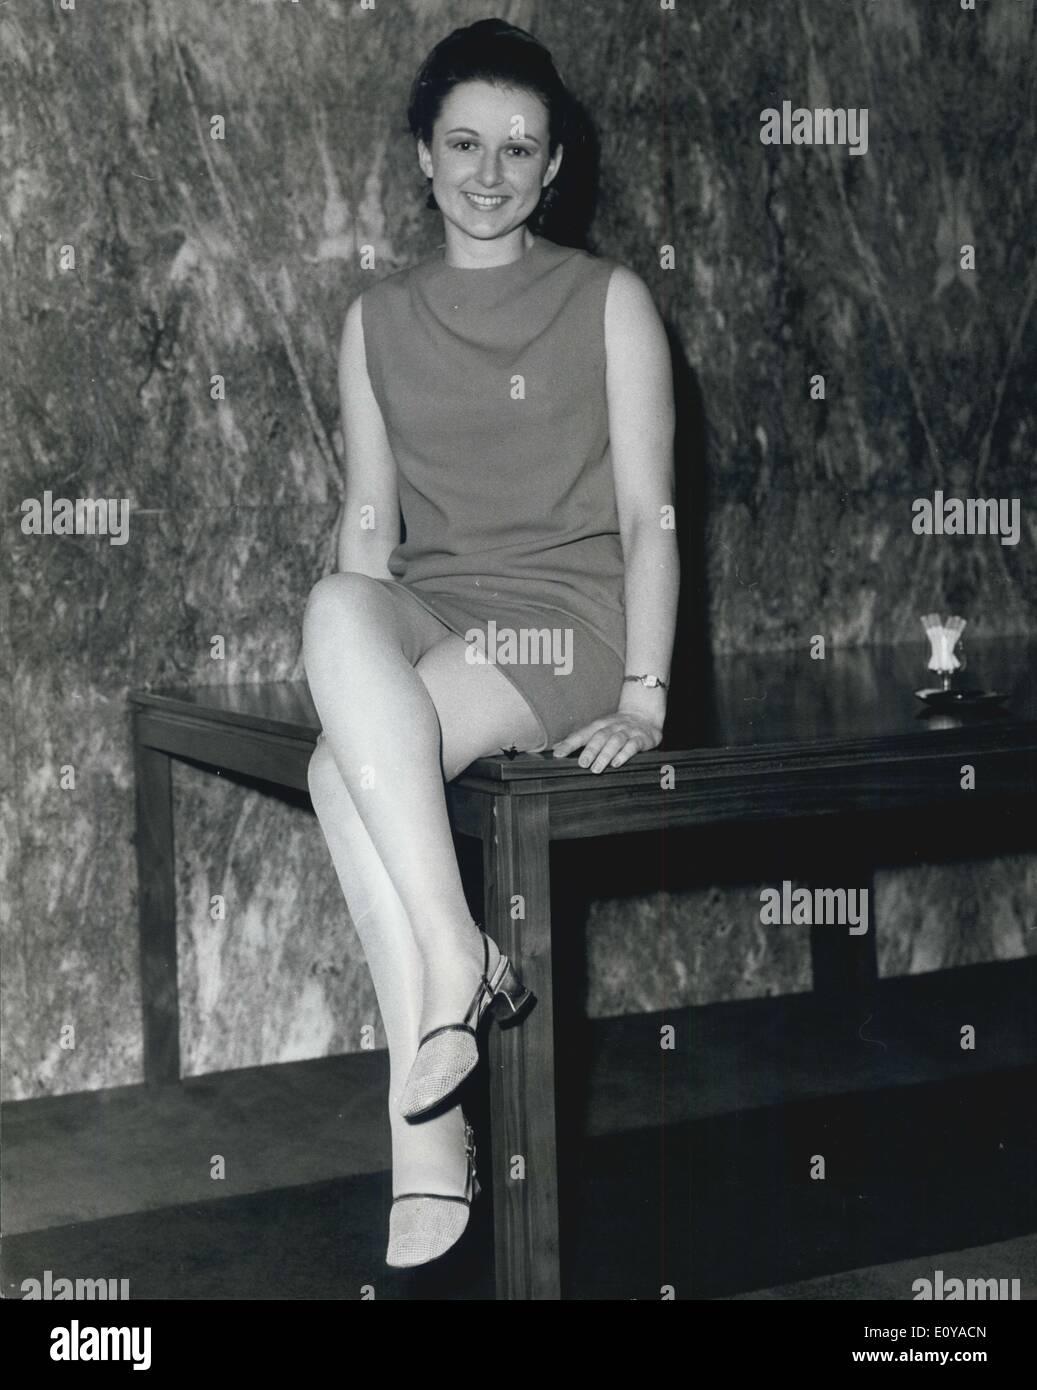 Erika Sawajiri (b. 1986) picture